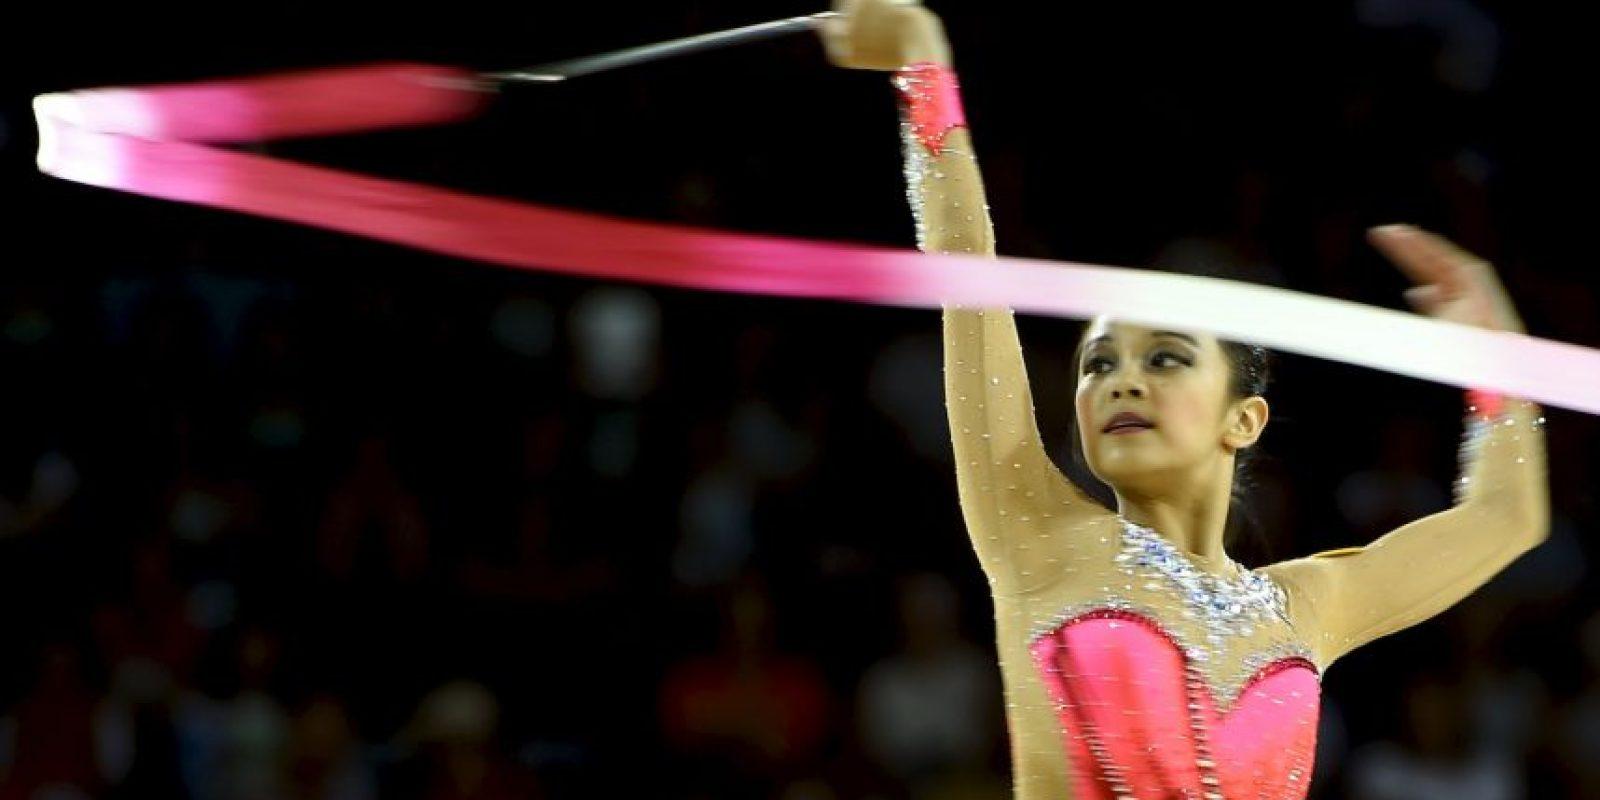 La estadounidense de 15 años se convirtió en la reina de los Juegos Panamericanos Foto:Getty Images